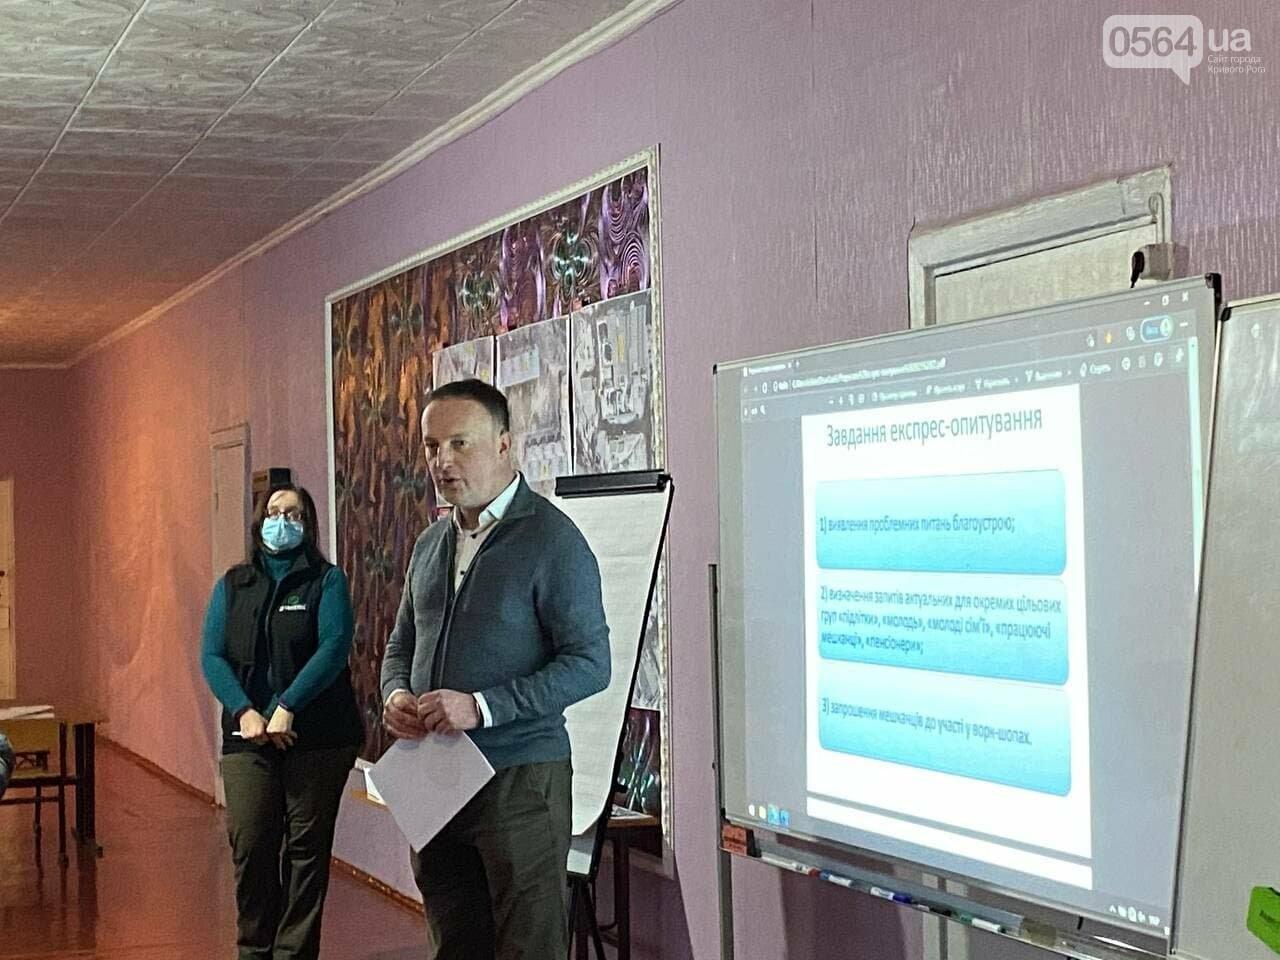 В Кривом Роге начались слушания по вопросу реализации проекта развития 4-го Заречного, - ФОТО, ВИДЕО, фото-6